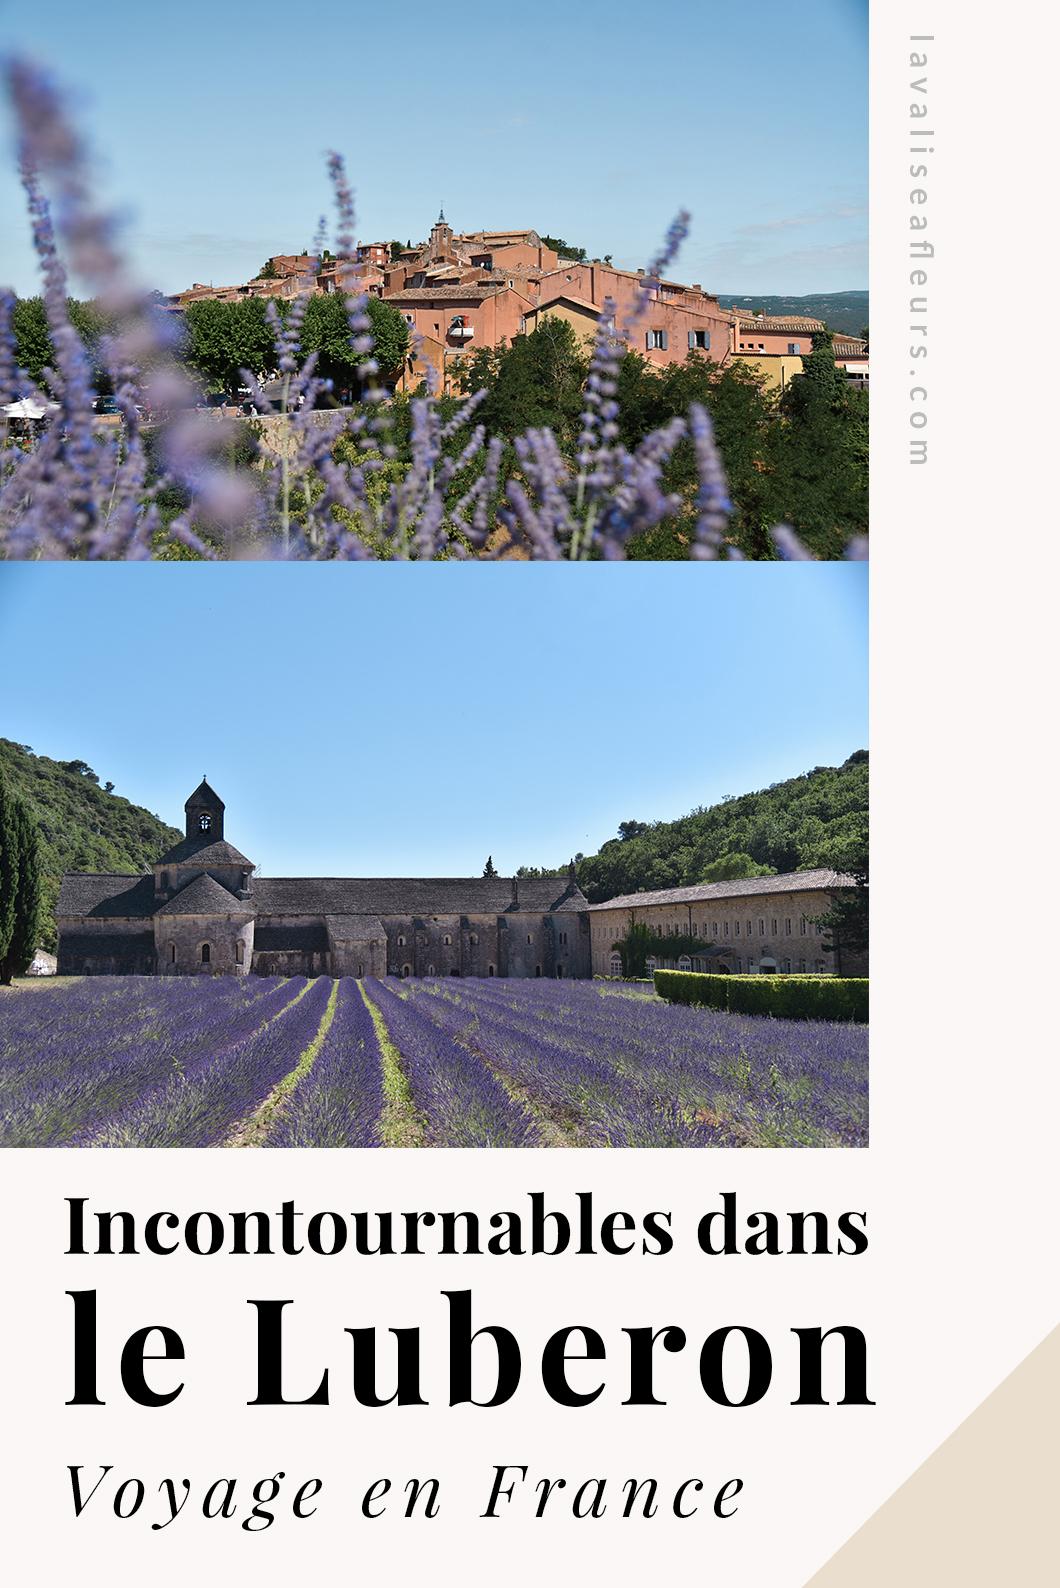 Incontournables dans le Luberon en France